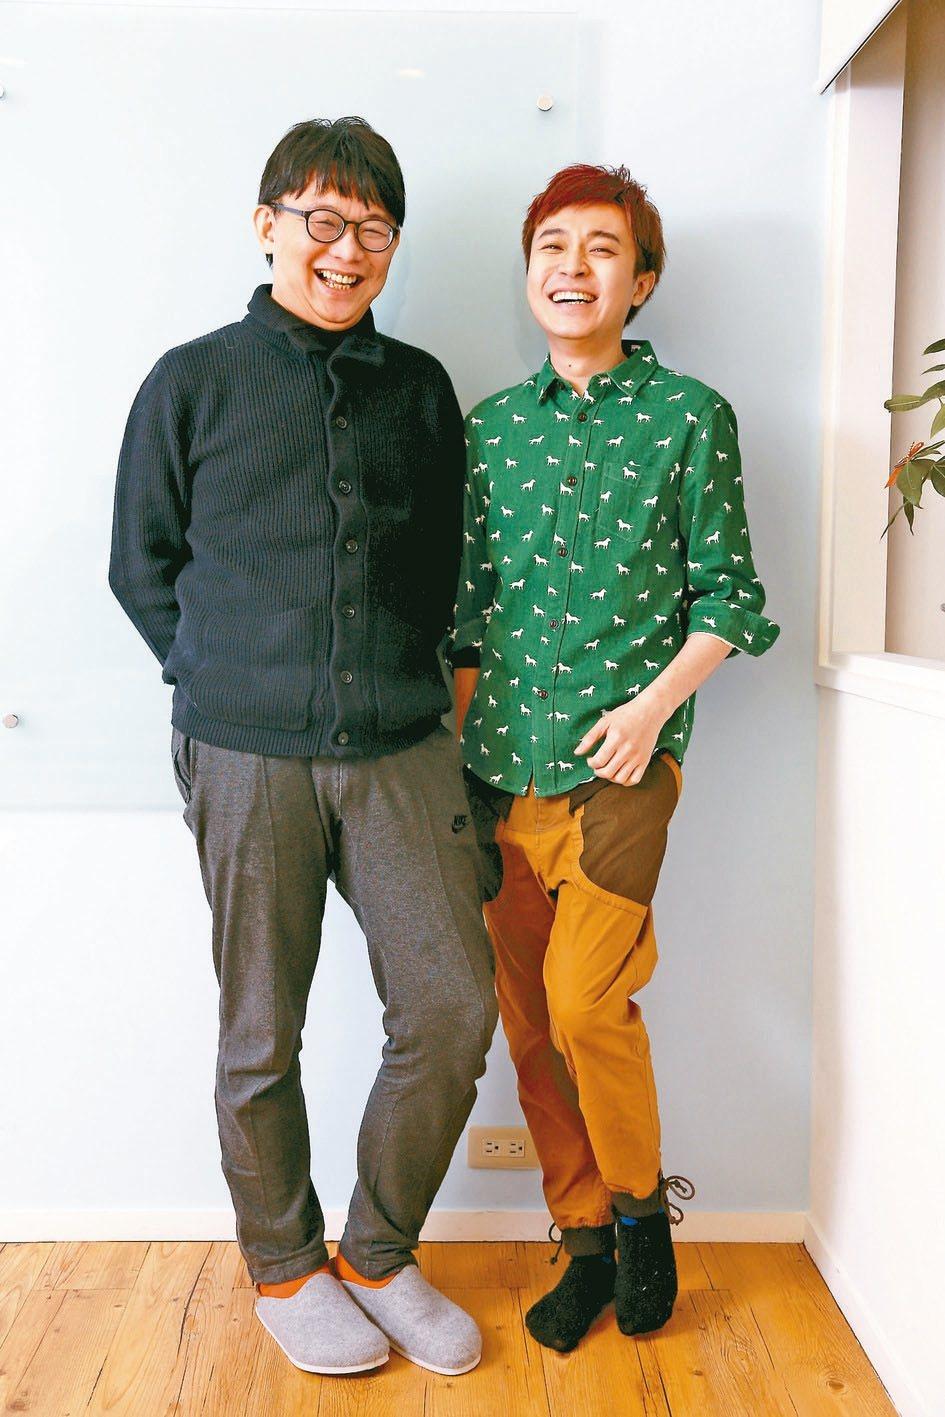 吳青峰(右)因歌曲著作權與恩師林暐哲對簿公堂。本報資料照片